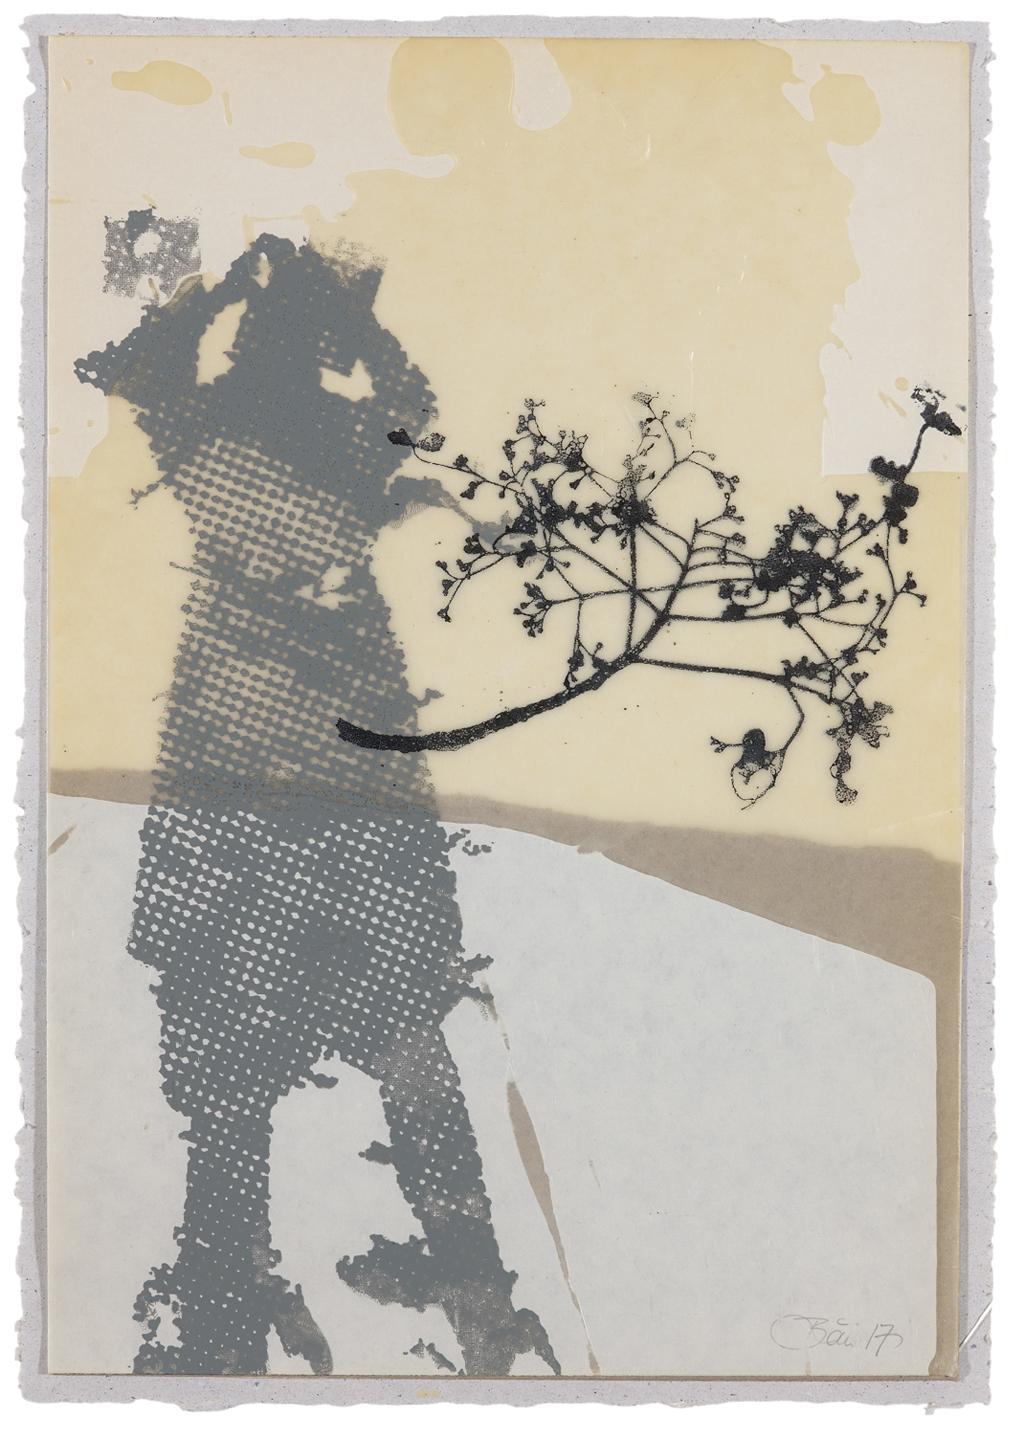 Es wird im Gehen gelöst II| 2017, Siebdruck und Collage, 29,7 x 21 cm